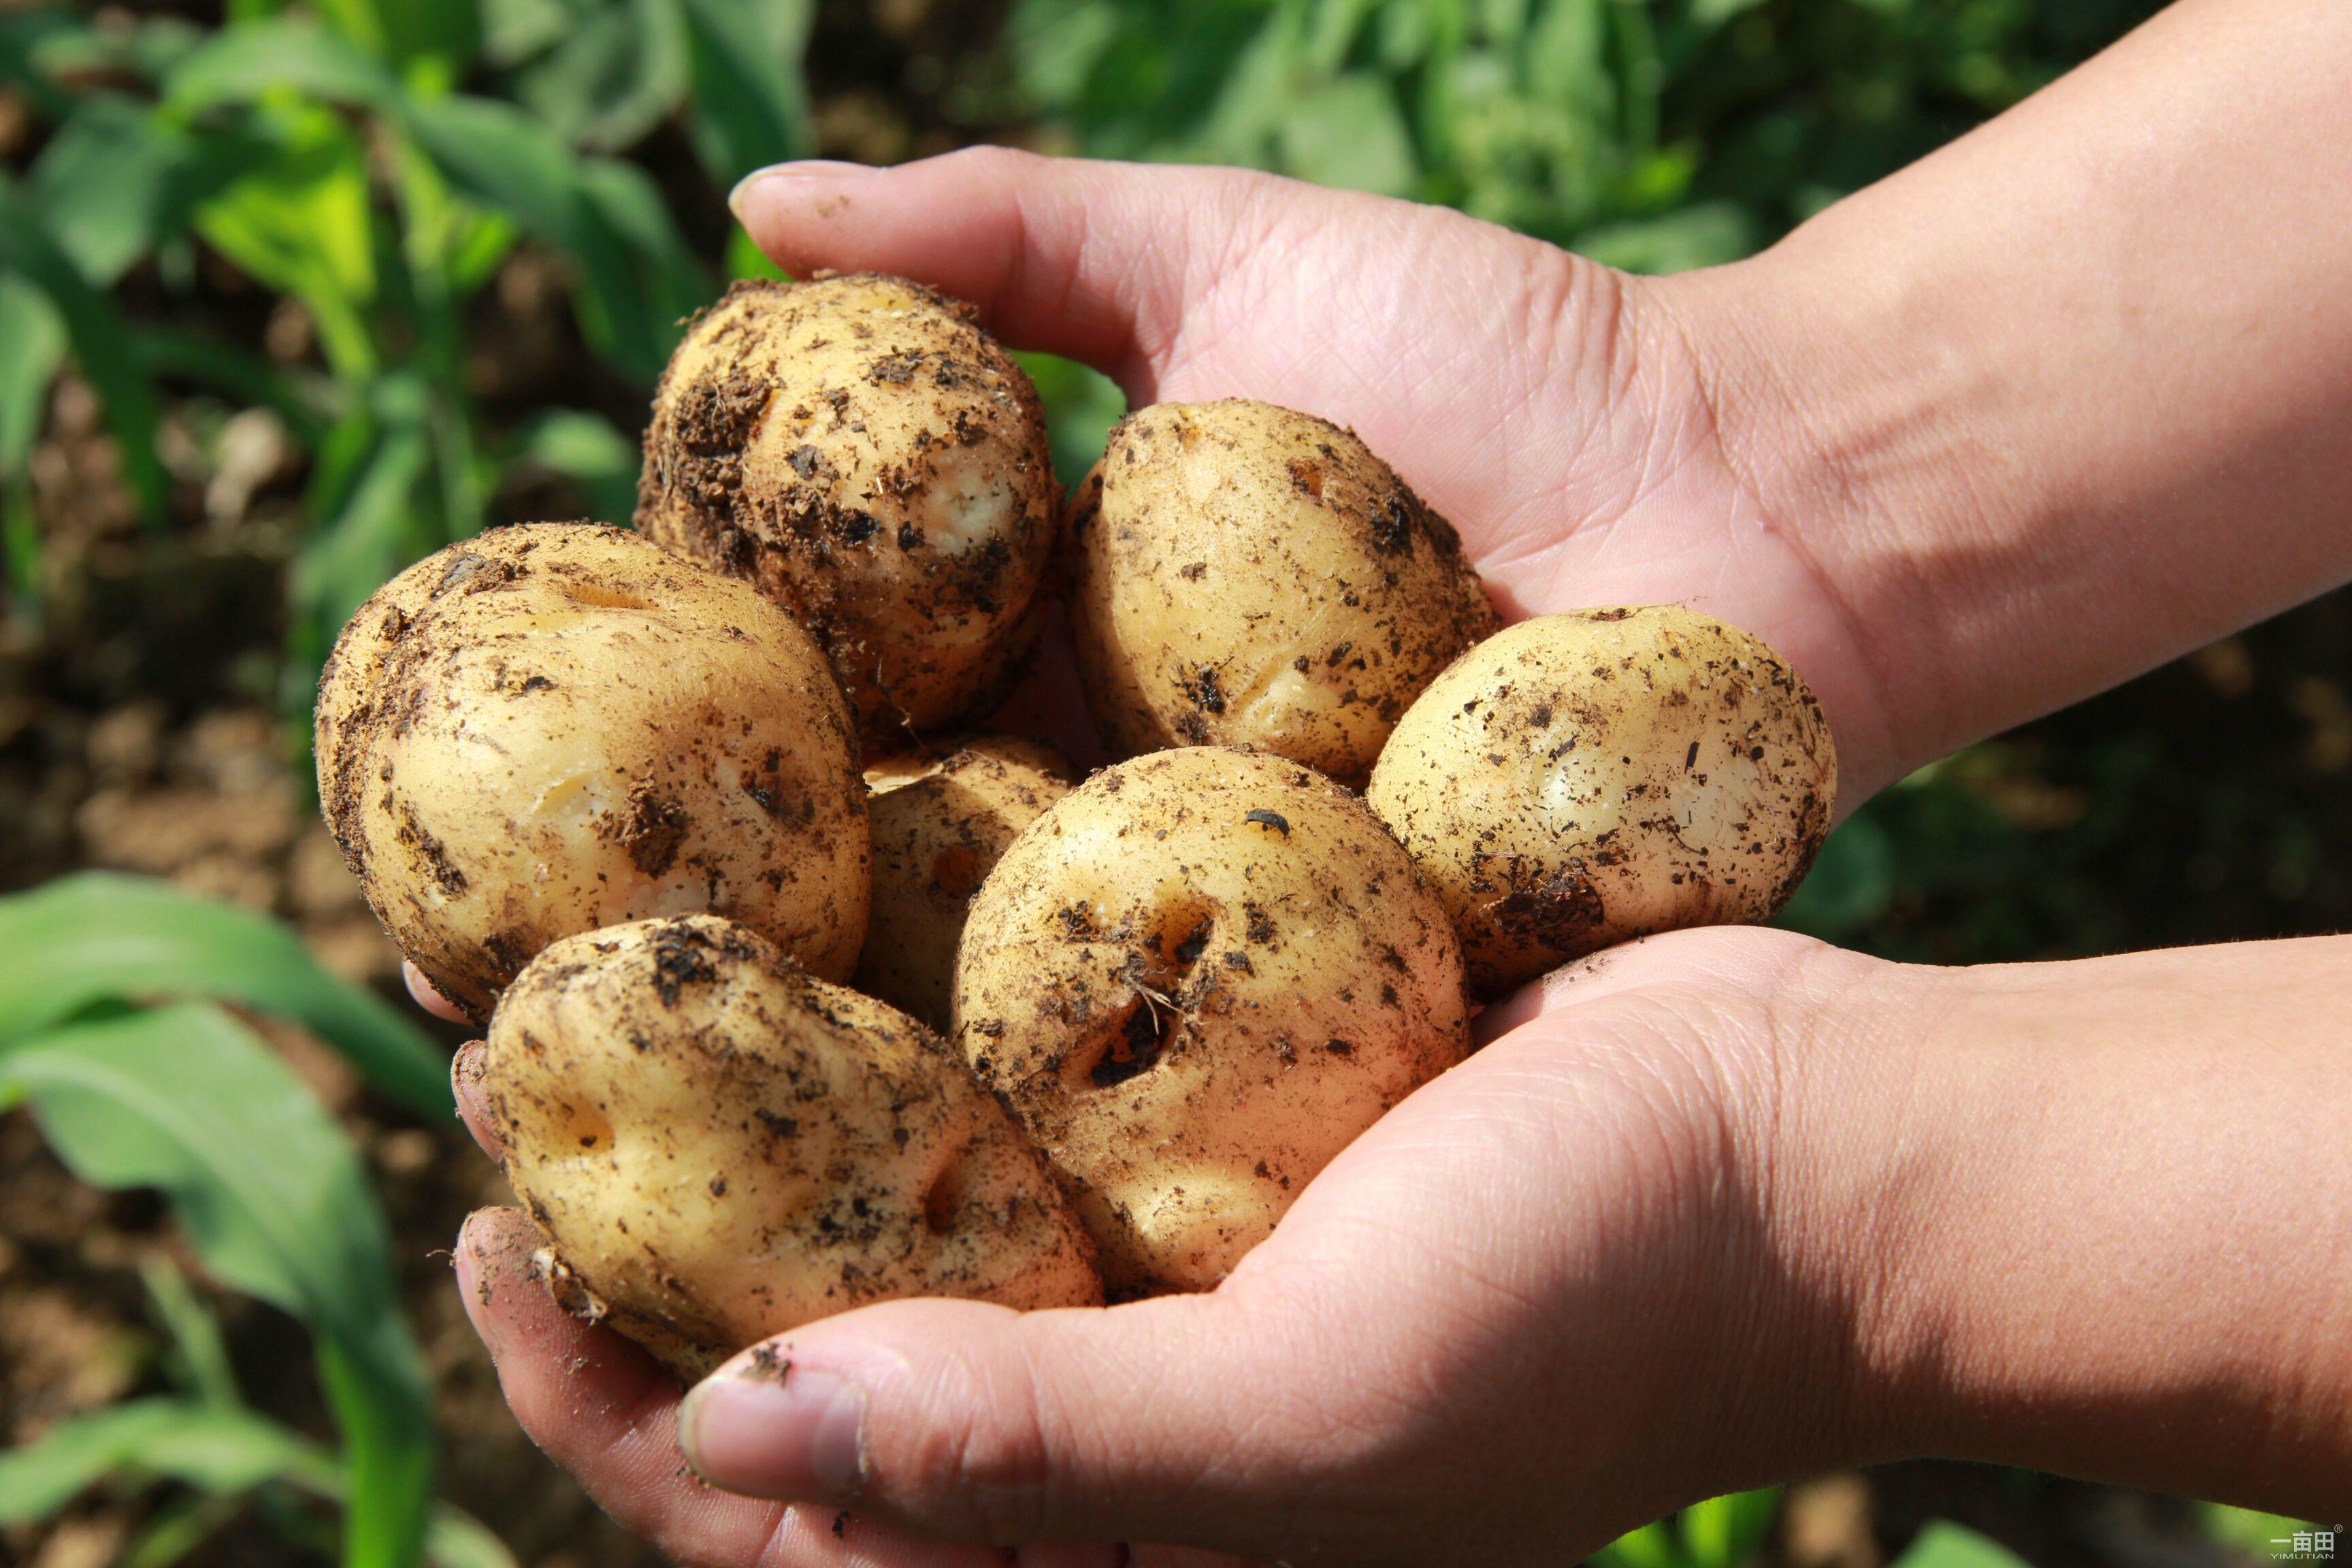 土豆不仅可以闷饭吃,还可以花样地做菜,什么干土豆片,干煸土豆